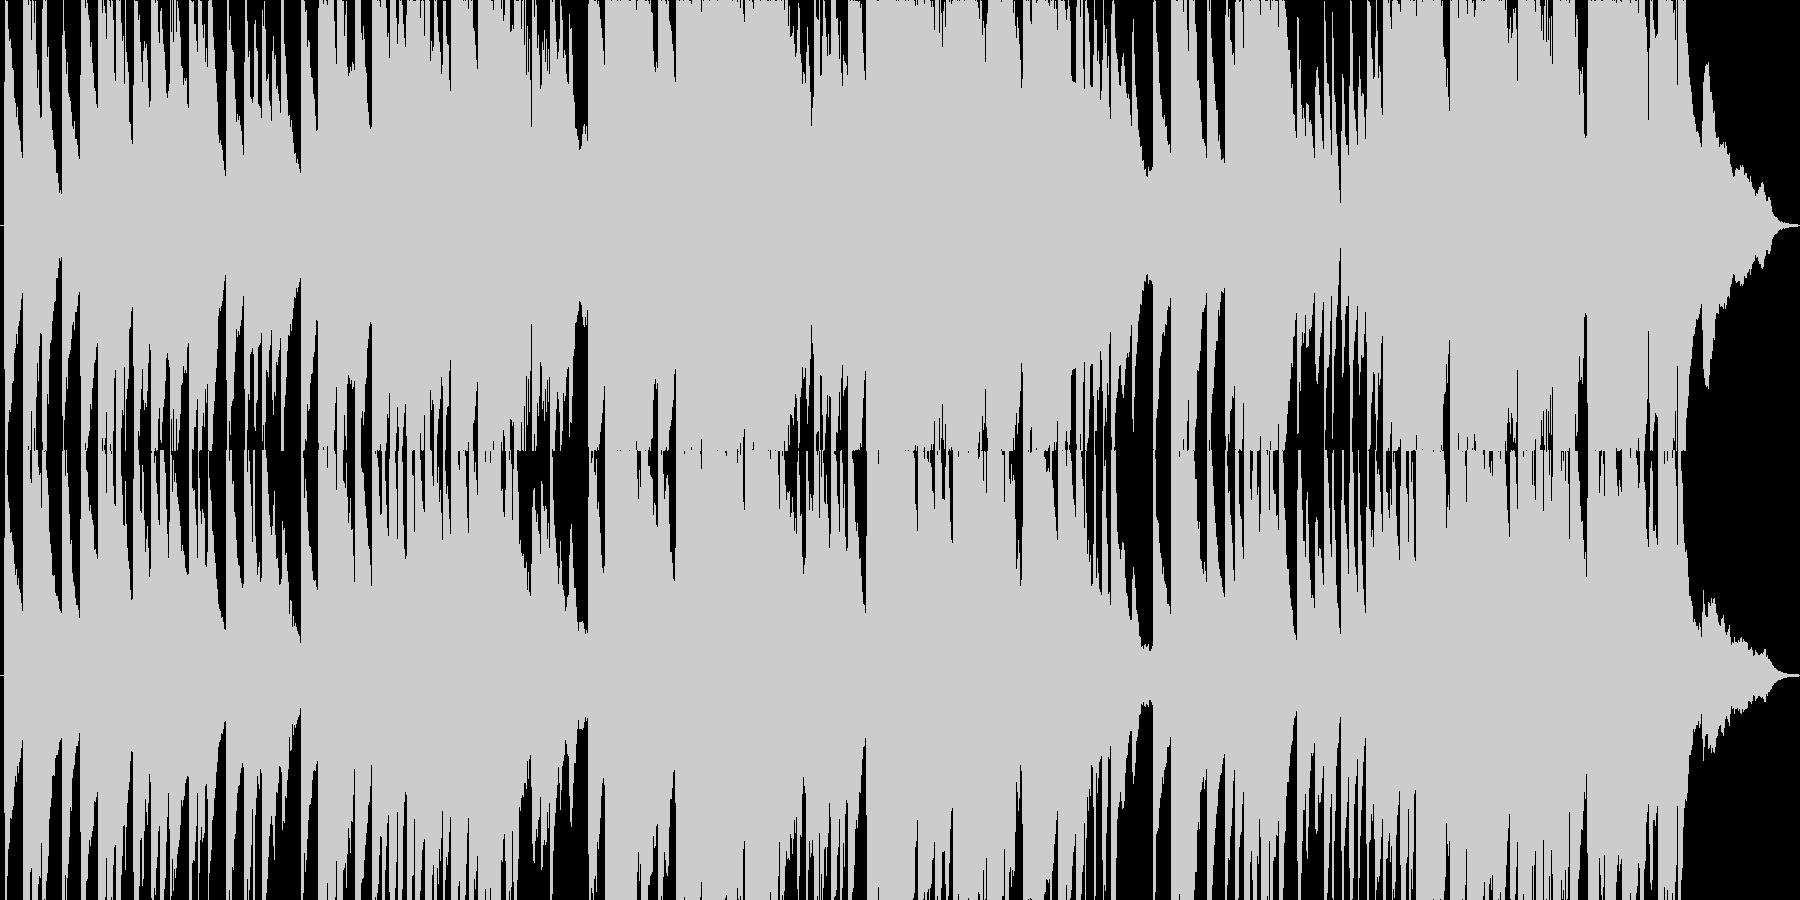 日本の夕暮れ時をイメージしたピアノ曲の未再生の波形